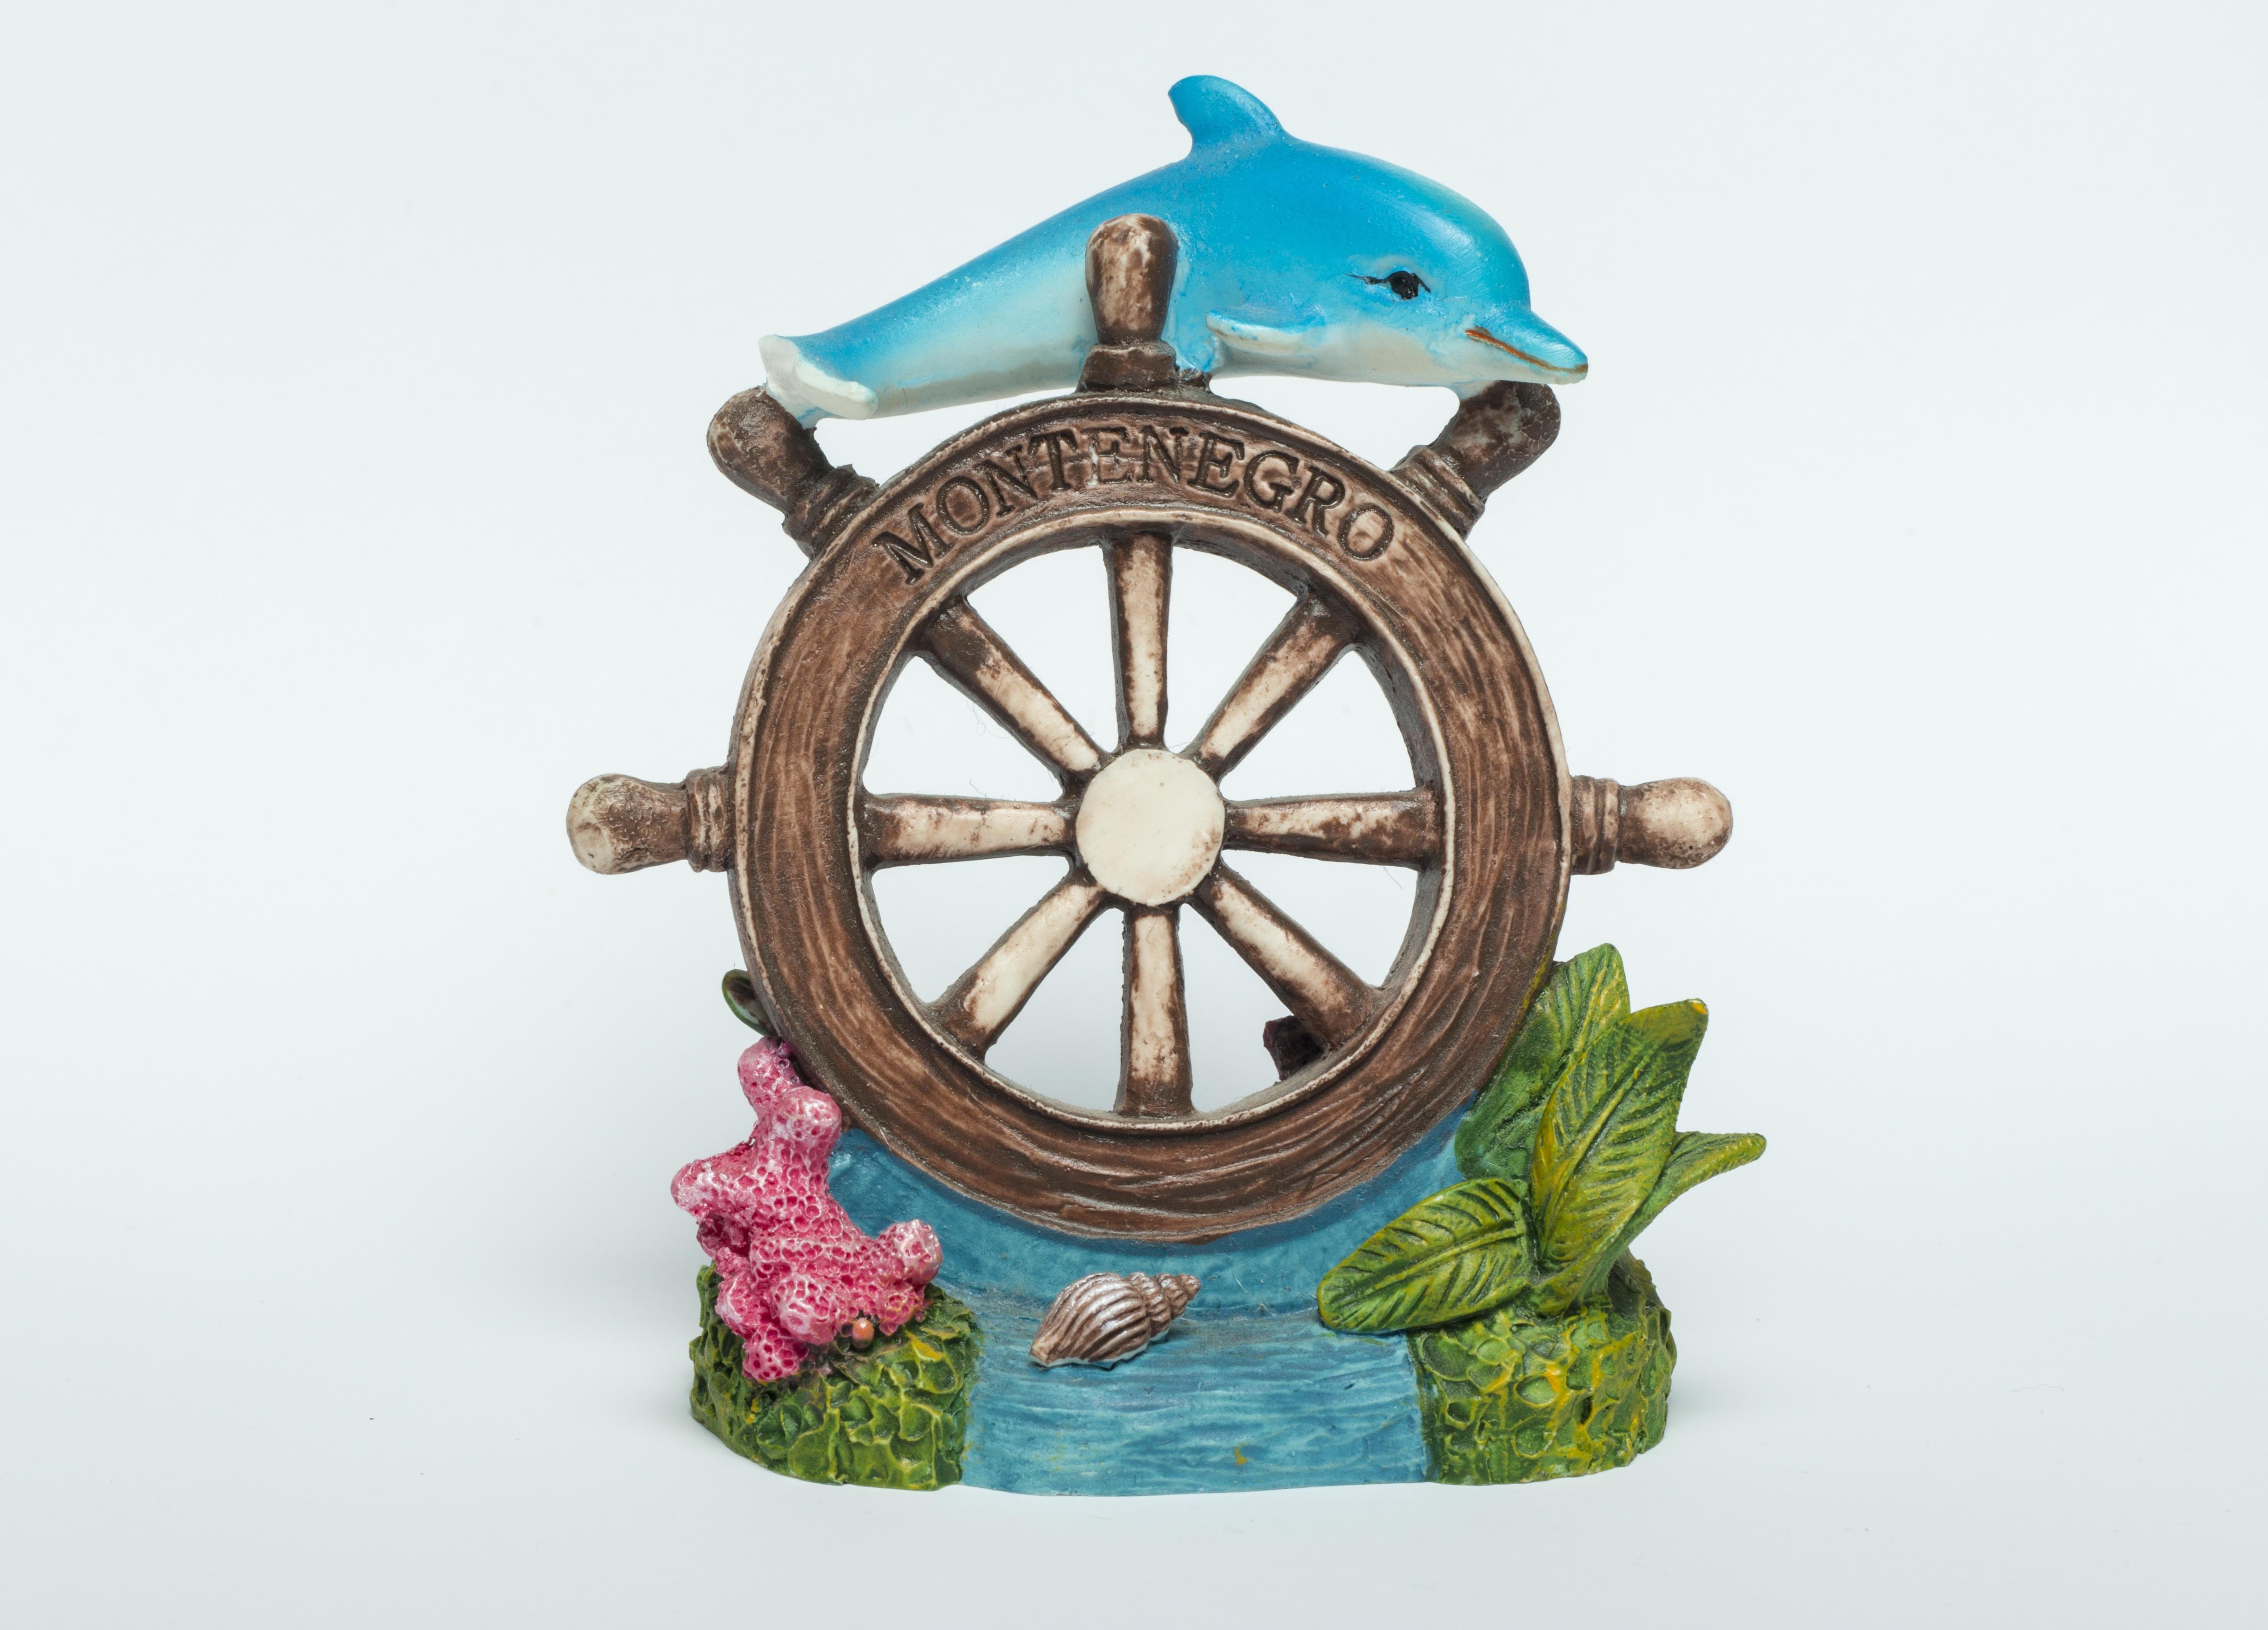 รูปภาพ ทะเล ธรรมชาติ นาฬิกา ฤดูร้อน สระ สีน้ำเงิน